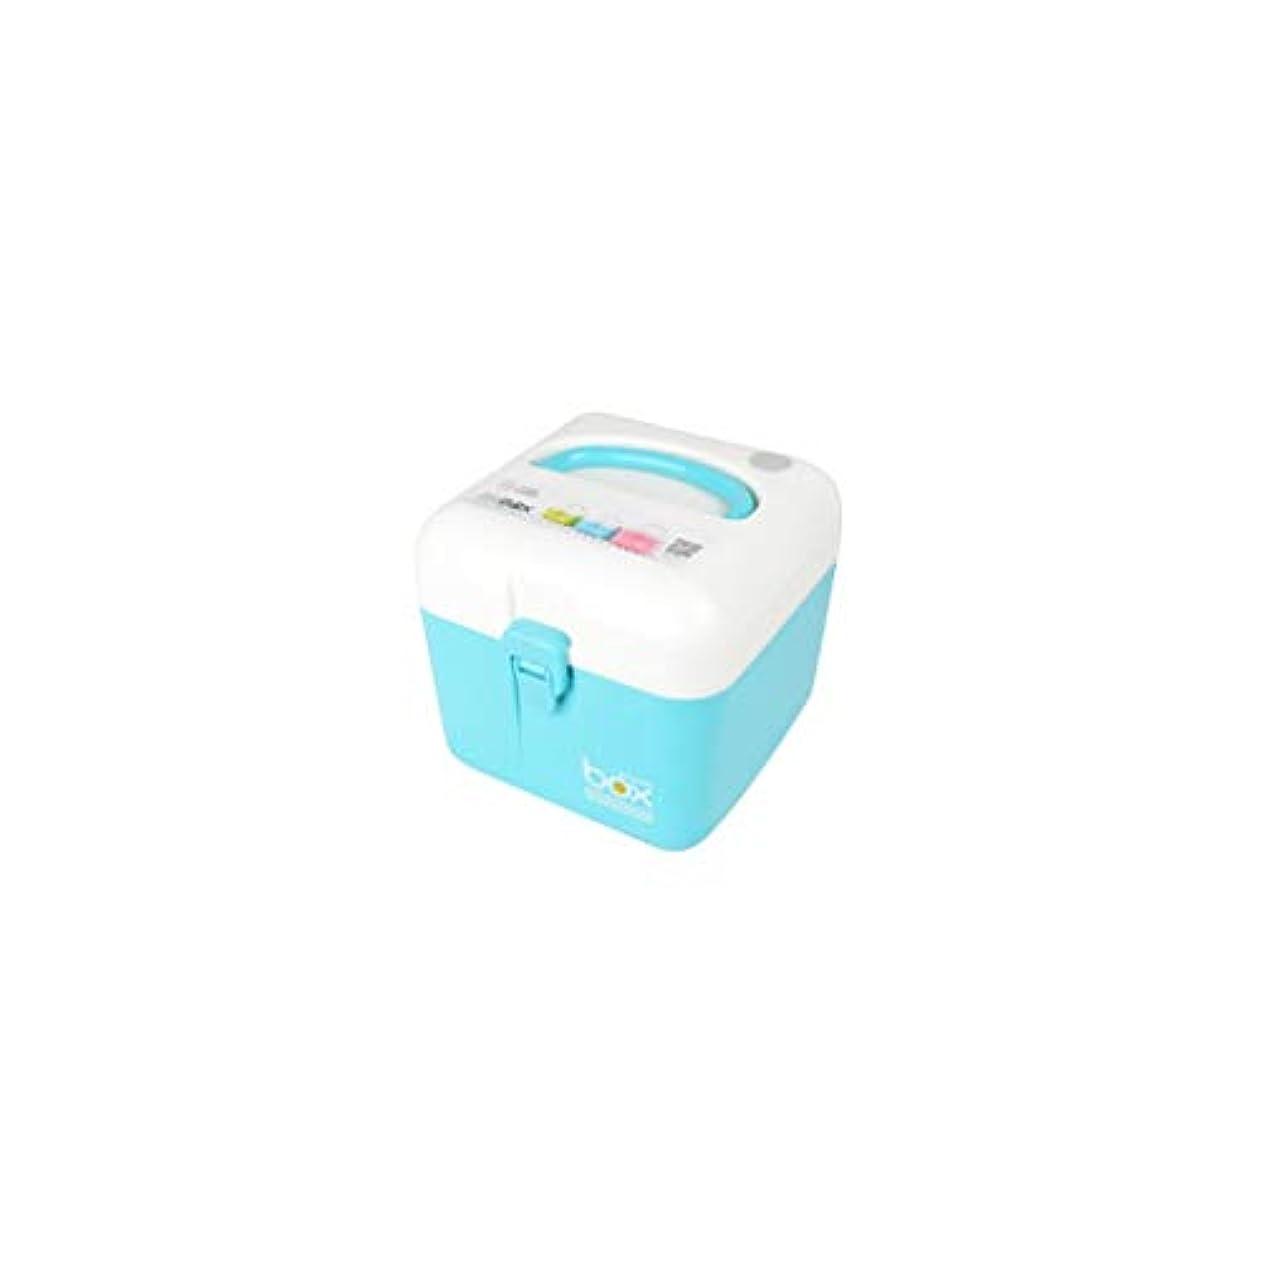 アーティスト便宜航空便家庭用薬品箱二層医療箱小型大容量薬品収納ボックスマルチカラーマルチサイズオプション CQQO (Color : Blue, Size : 16×16×15cm)